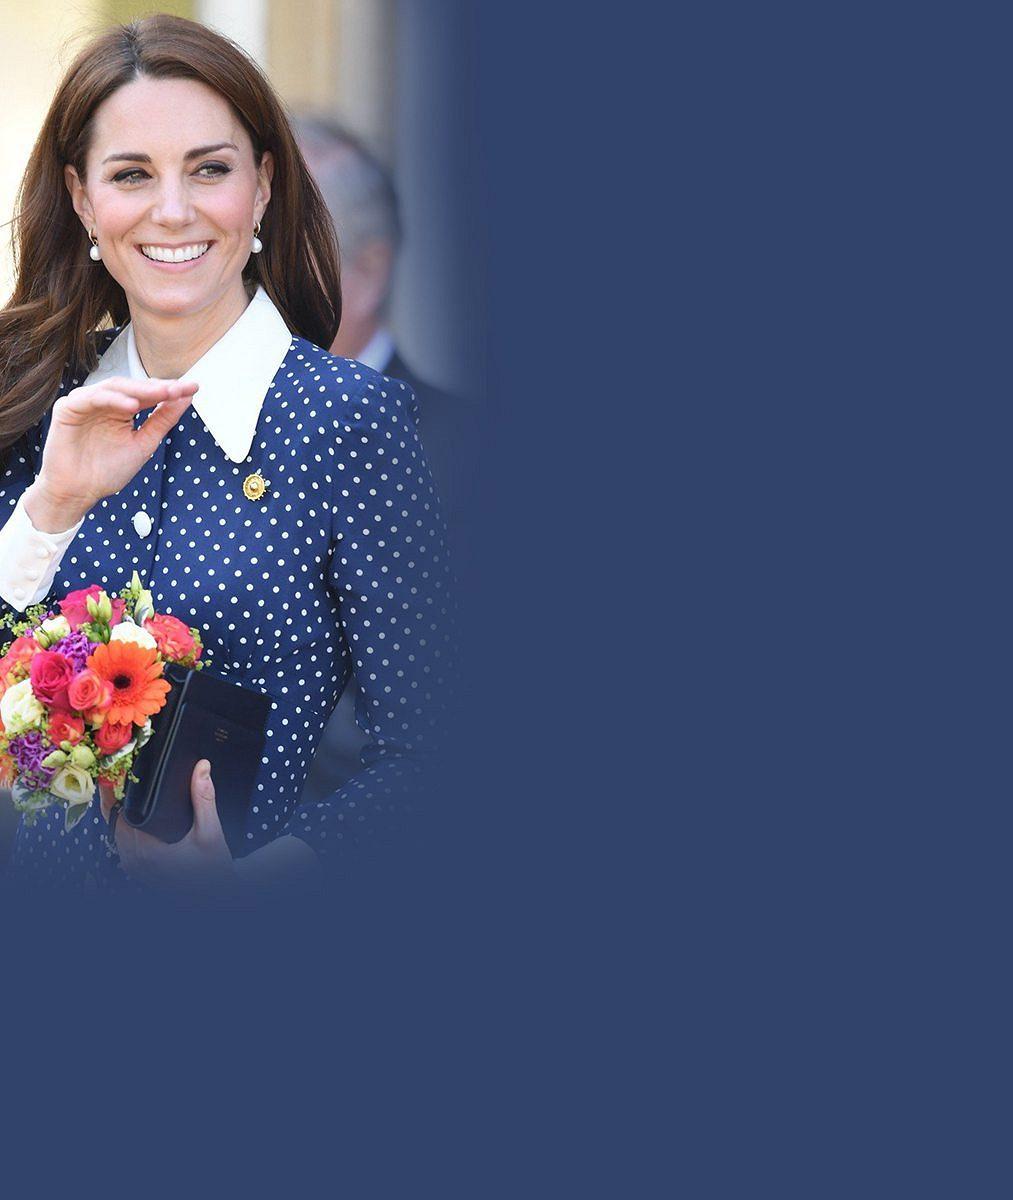 Rozverná princezna Charlotte pozdravila fanoušky po svém: Reakce vévodkyně Kate na dceřin vypláznutný jazyk stojí za to!